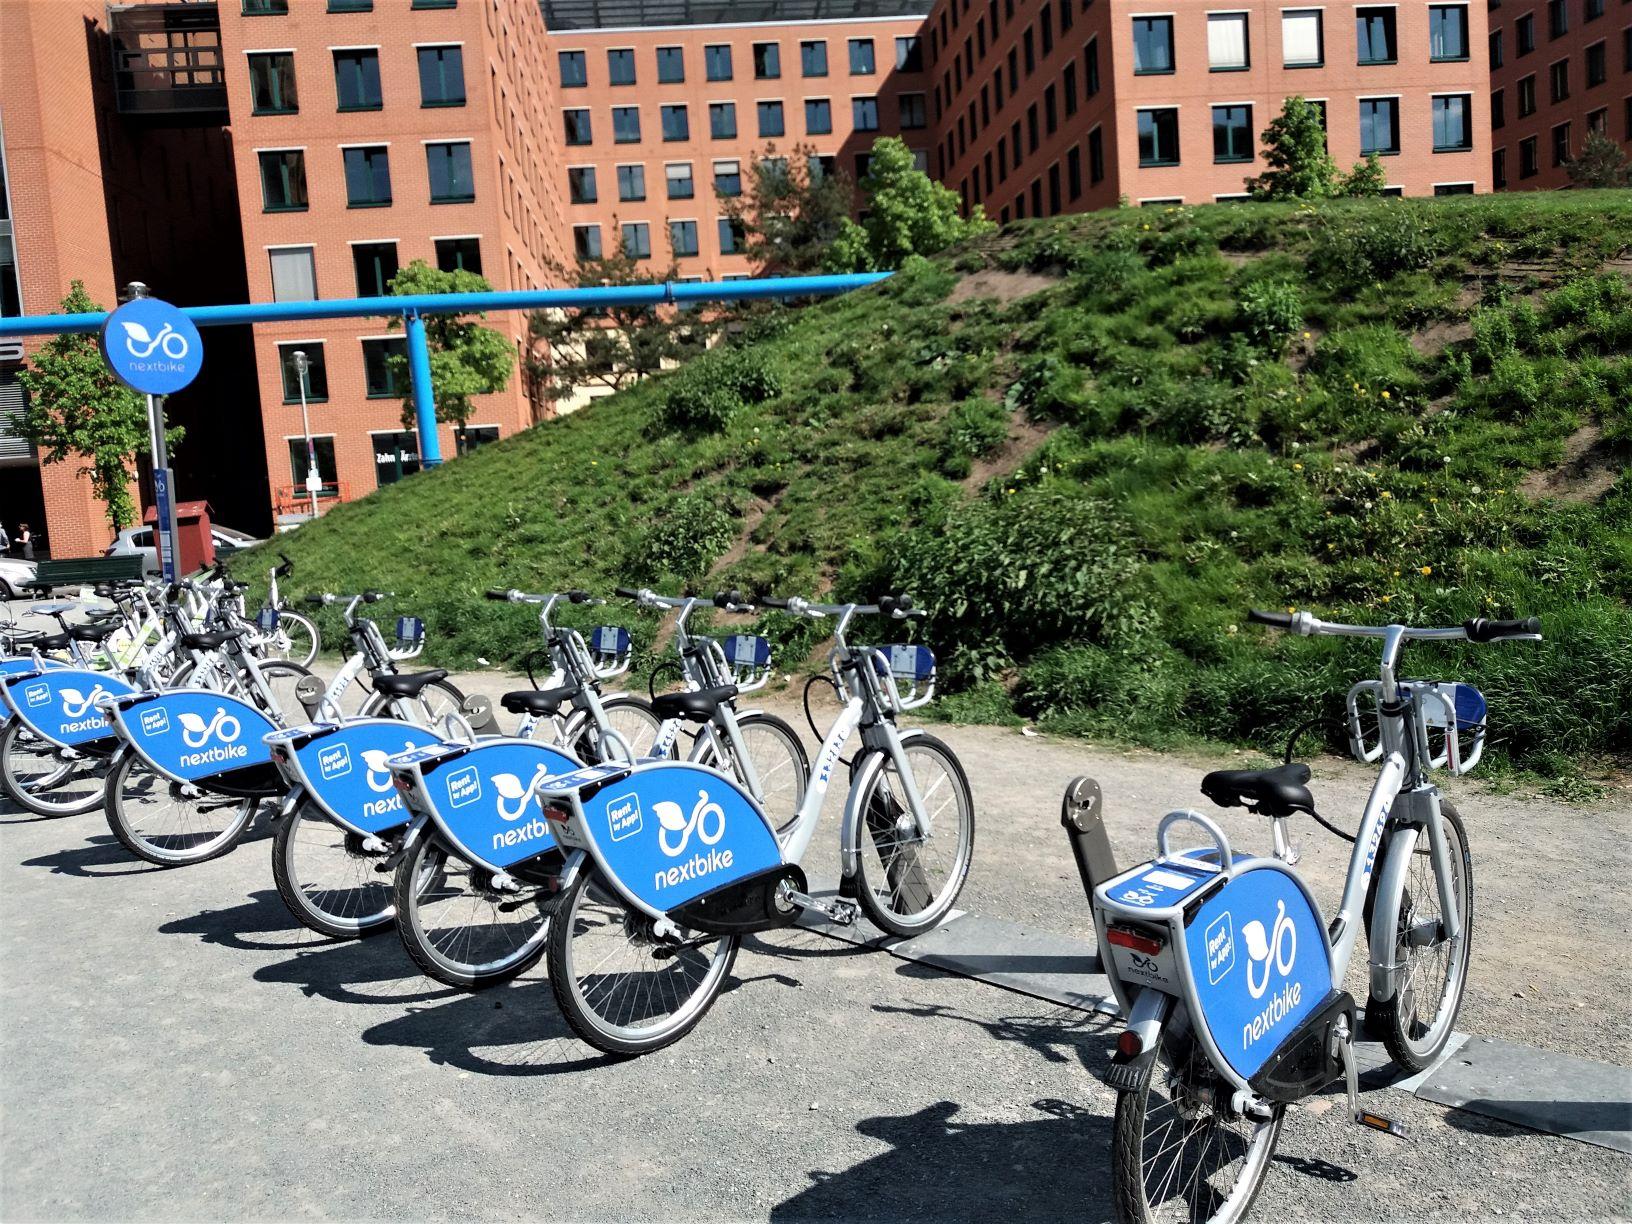 #5 Green Deal: Επανασχεδιασμός και υλοποίηση σχεδίων βιώσιμης κινητικότητας μέσα από Πράσινη Συμφωνία